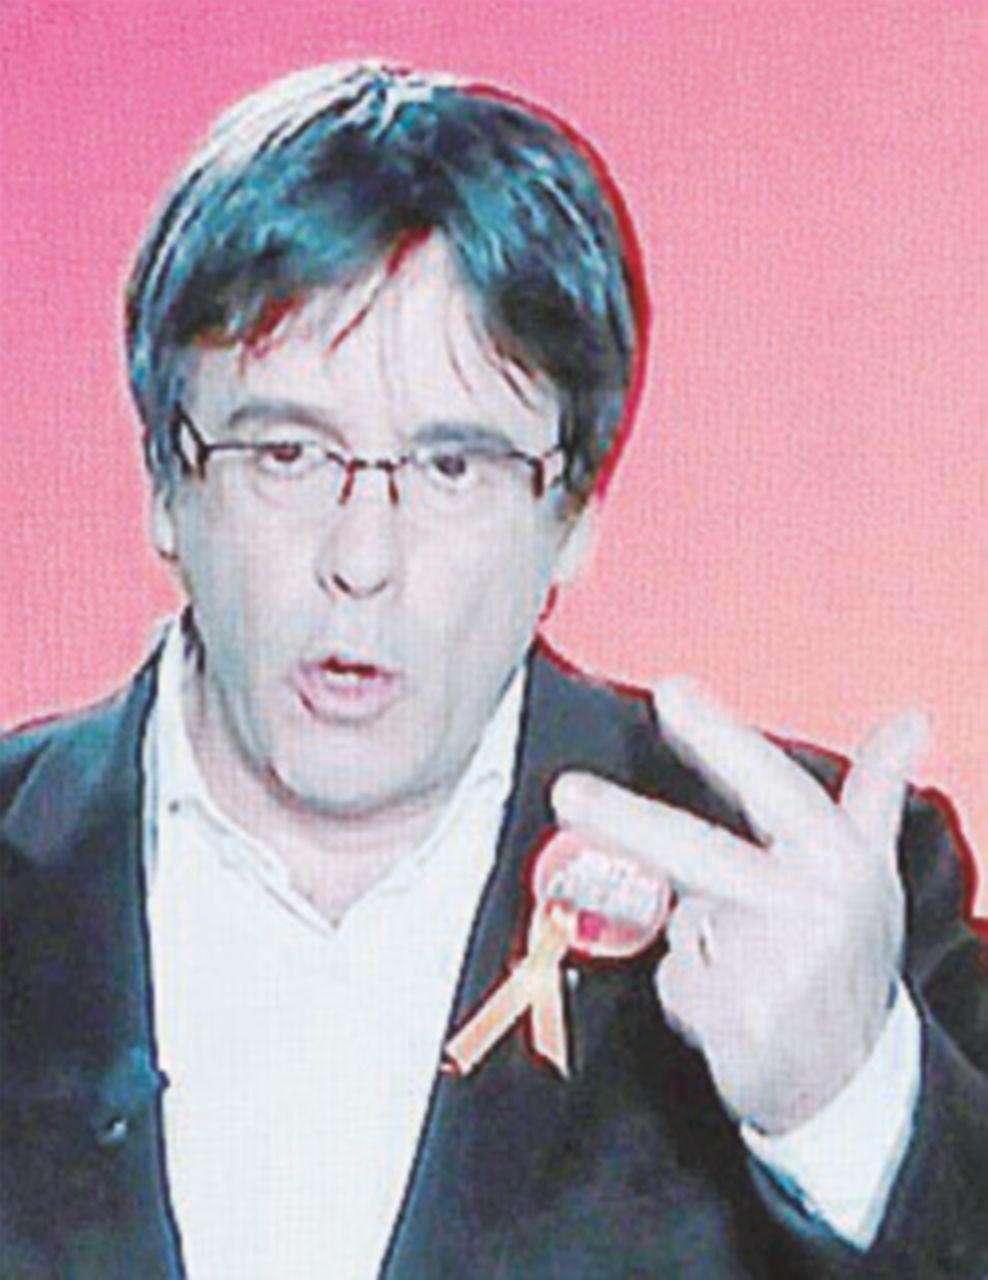 Madrid ritira il mandato di arresto internazionale Puigdemont resta in Belgio